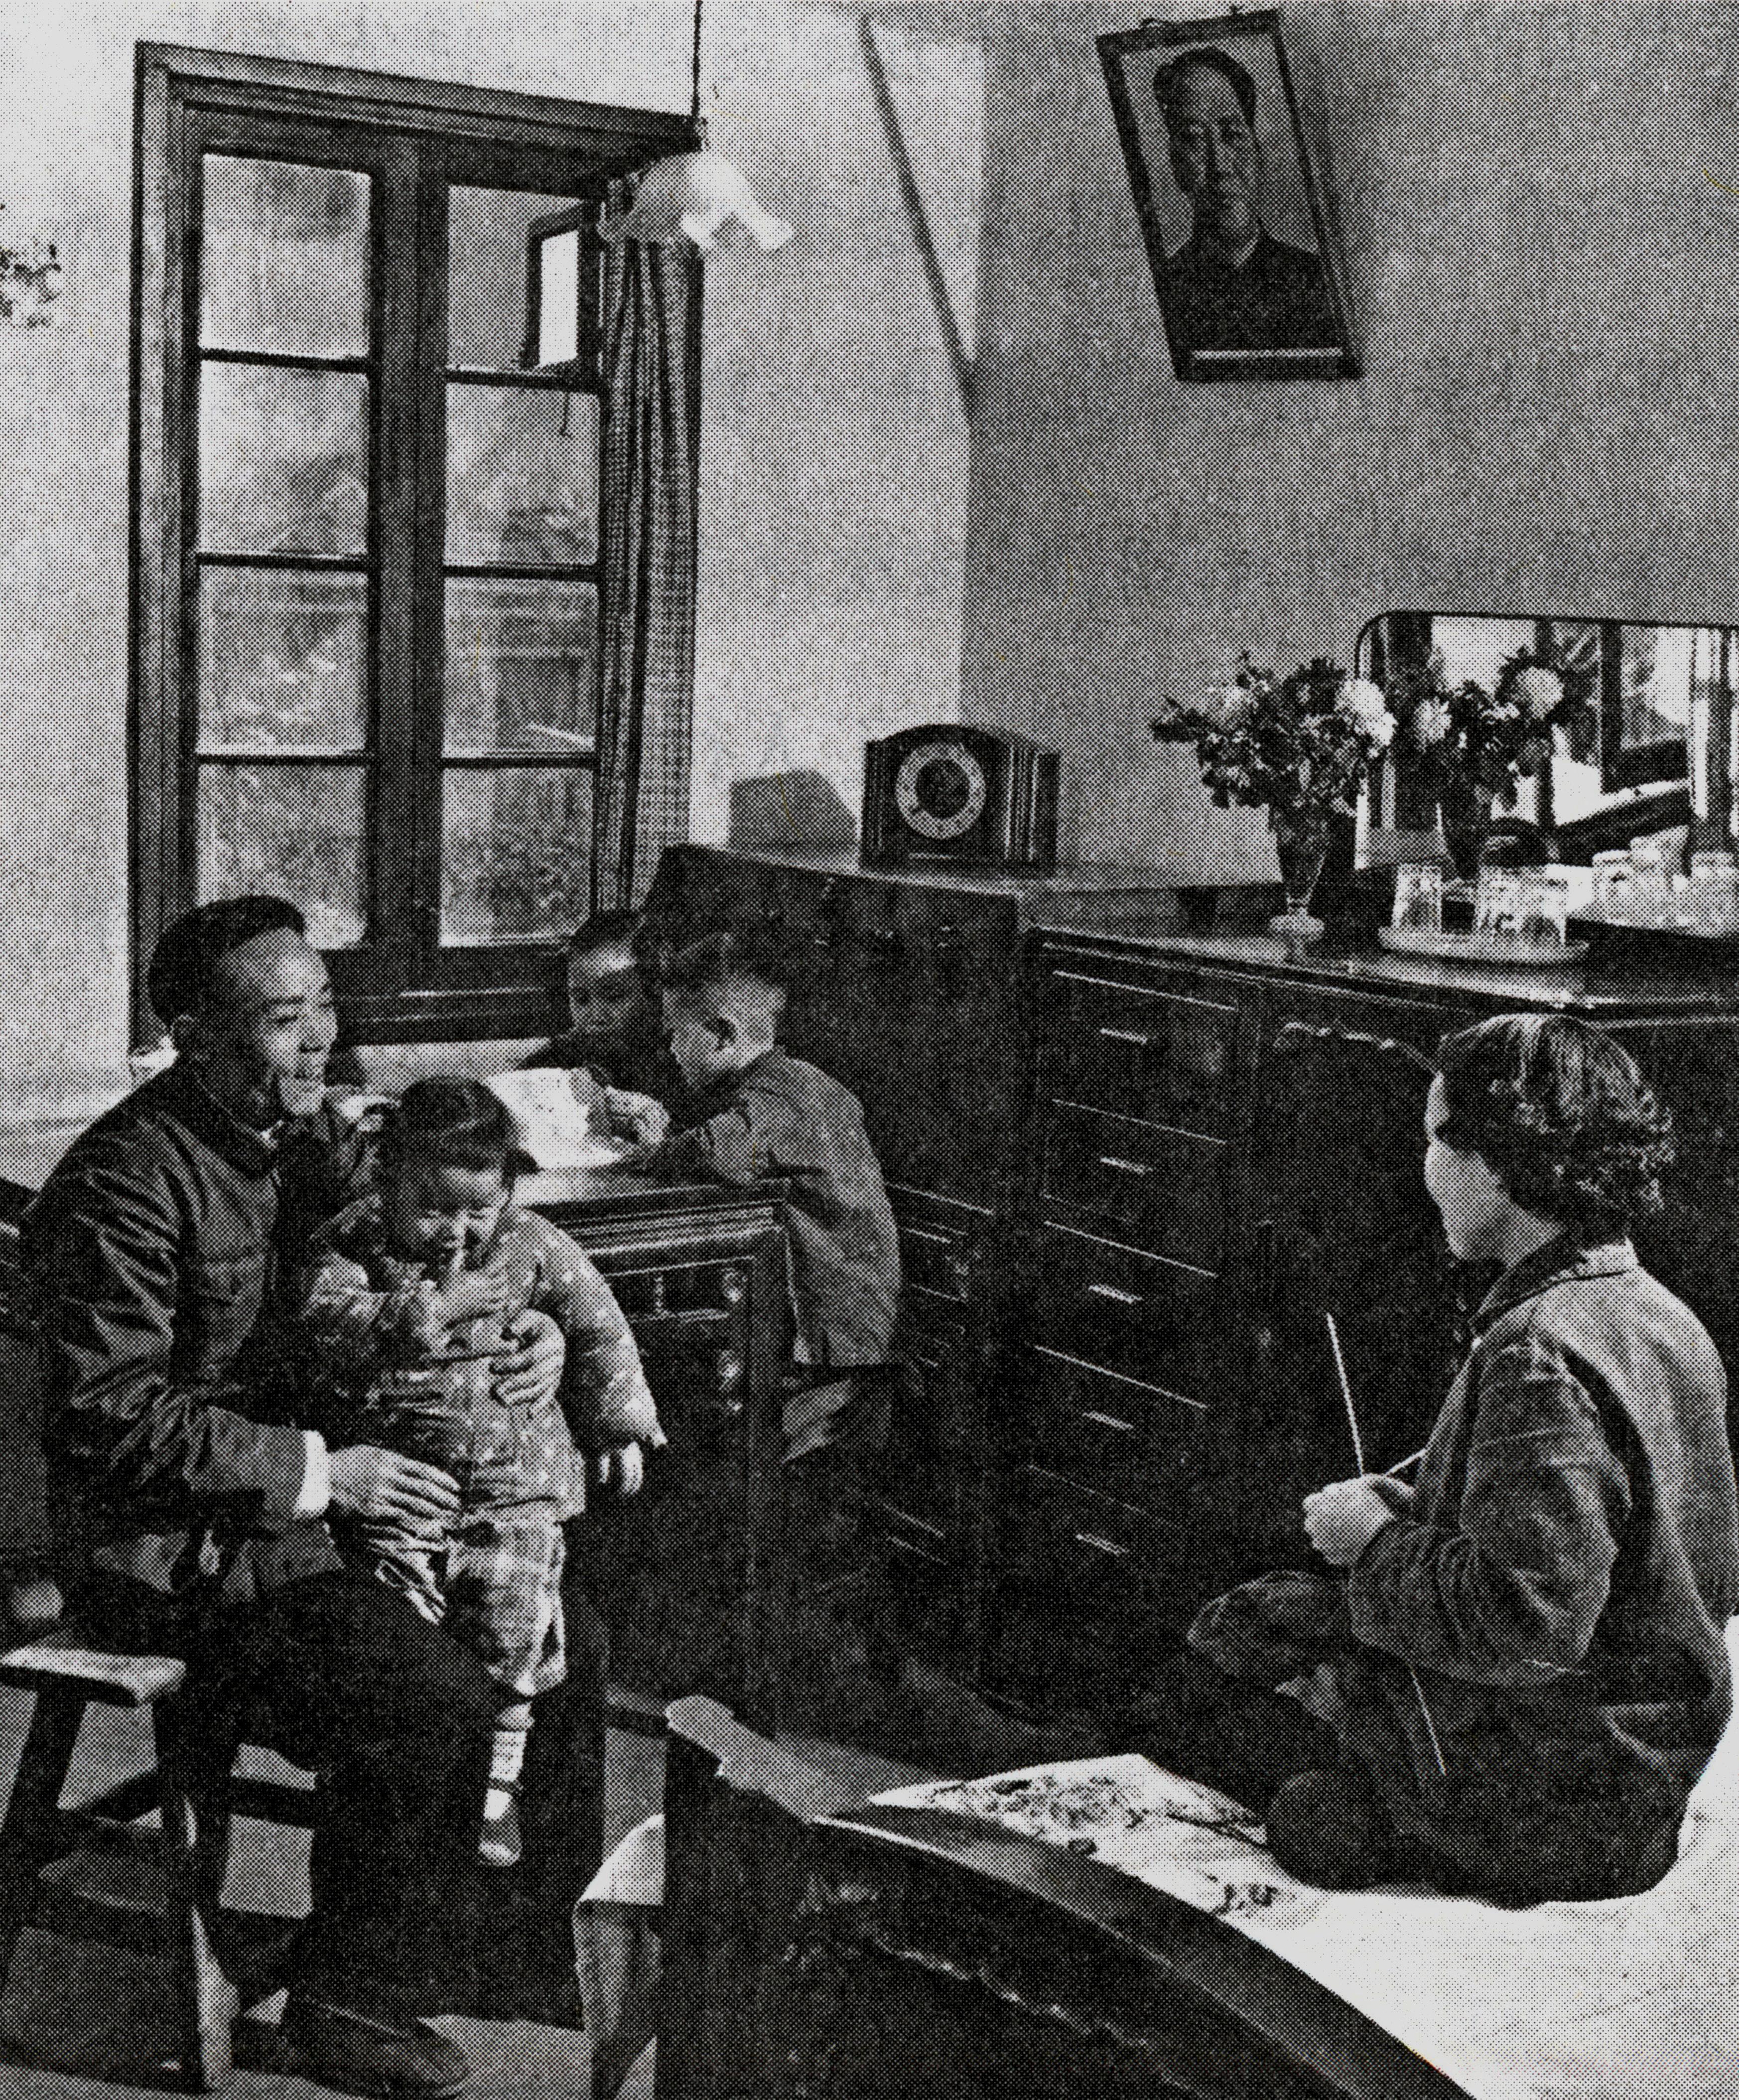 工人居永康全家搬进了曹杨新村的新居。图片来自《上海工人新村建设研究》